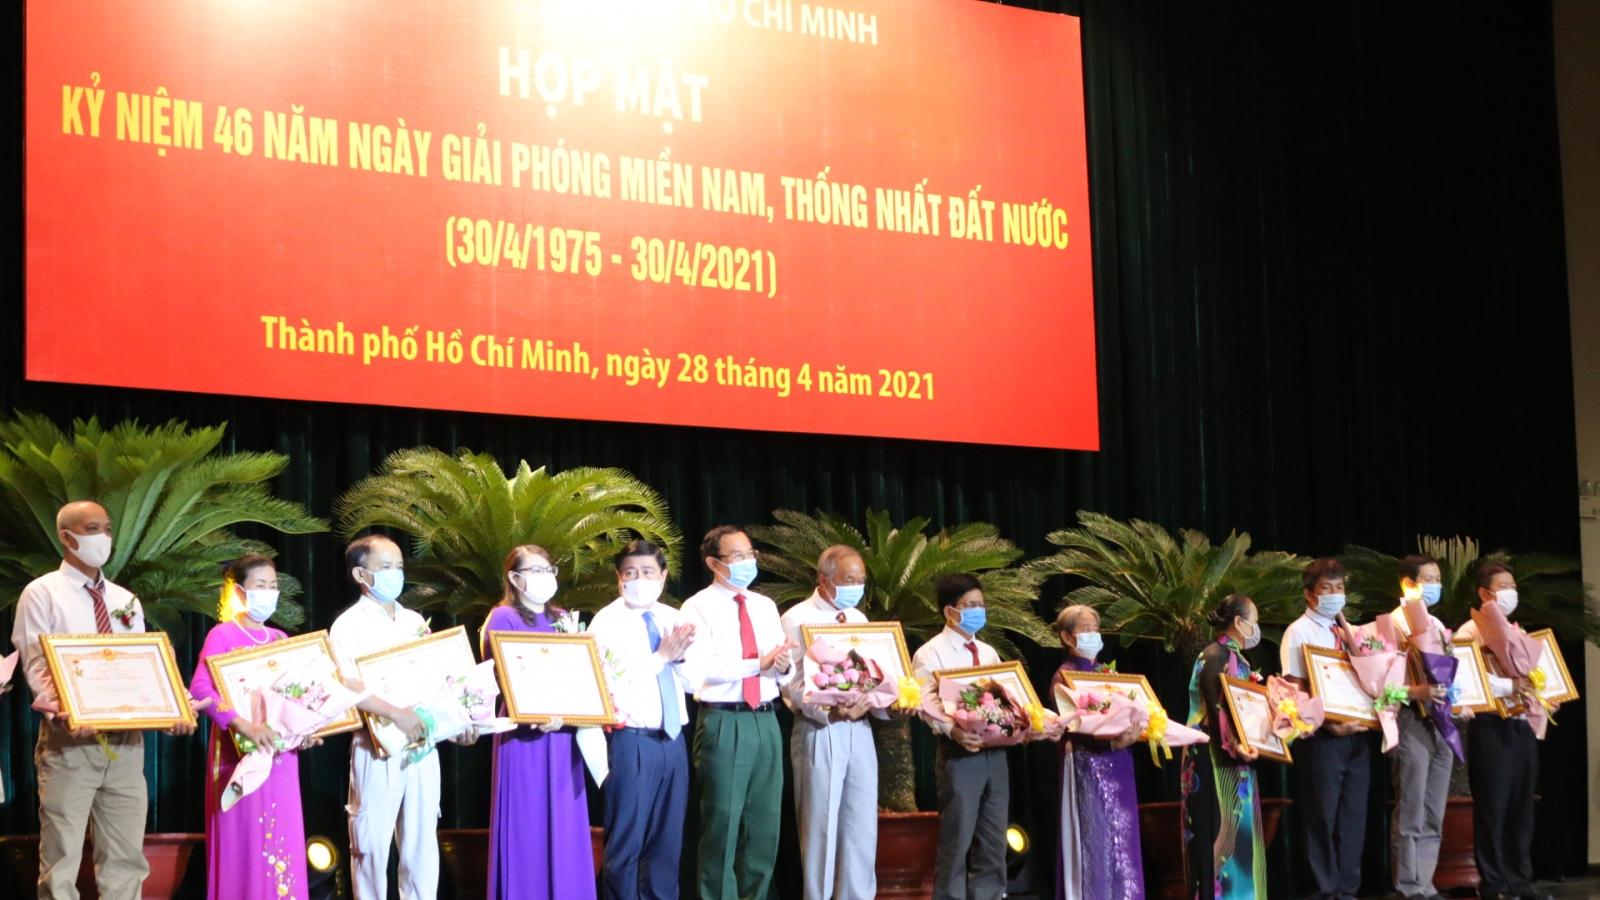 TPHCM họp mặt kỷ niệm 46 năm Ngày giải phóng miền Nam